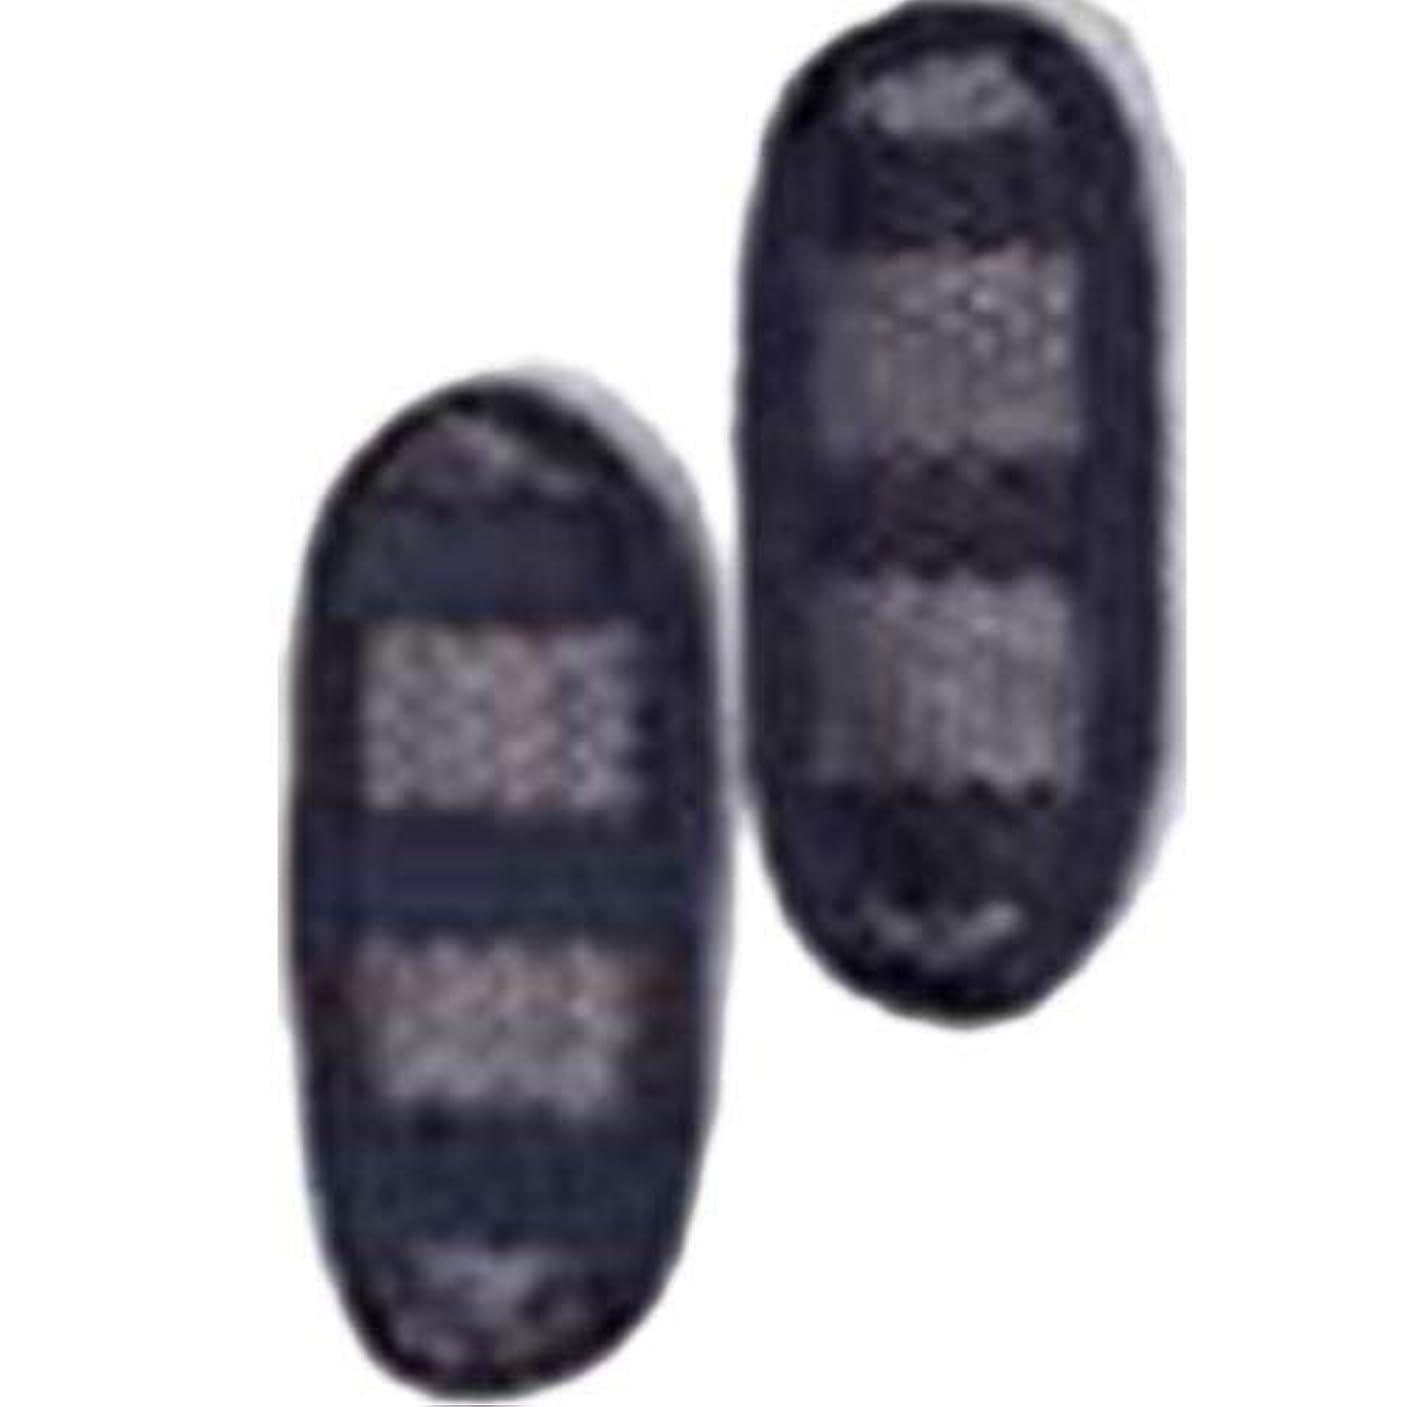 負担悩むほとんどないアライテント ハニカムメッシュ製ショルダーパッドセット(2個1組) 201500